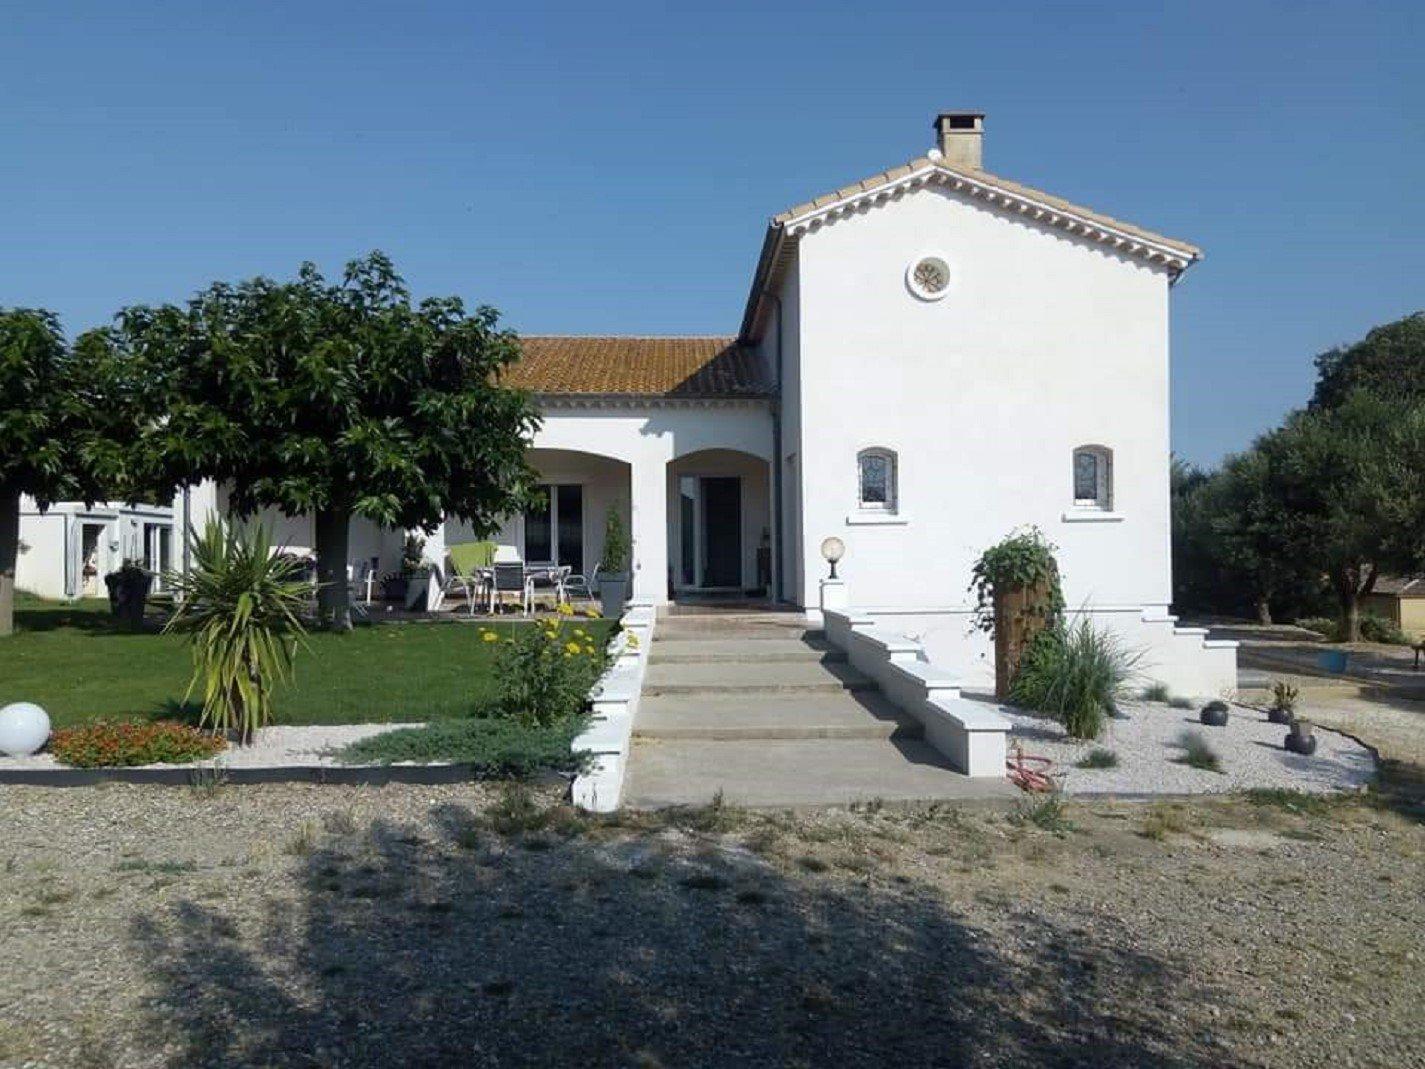 Propriété avec Piscine et deux maison indépendantes